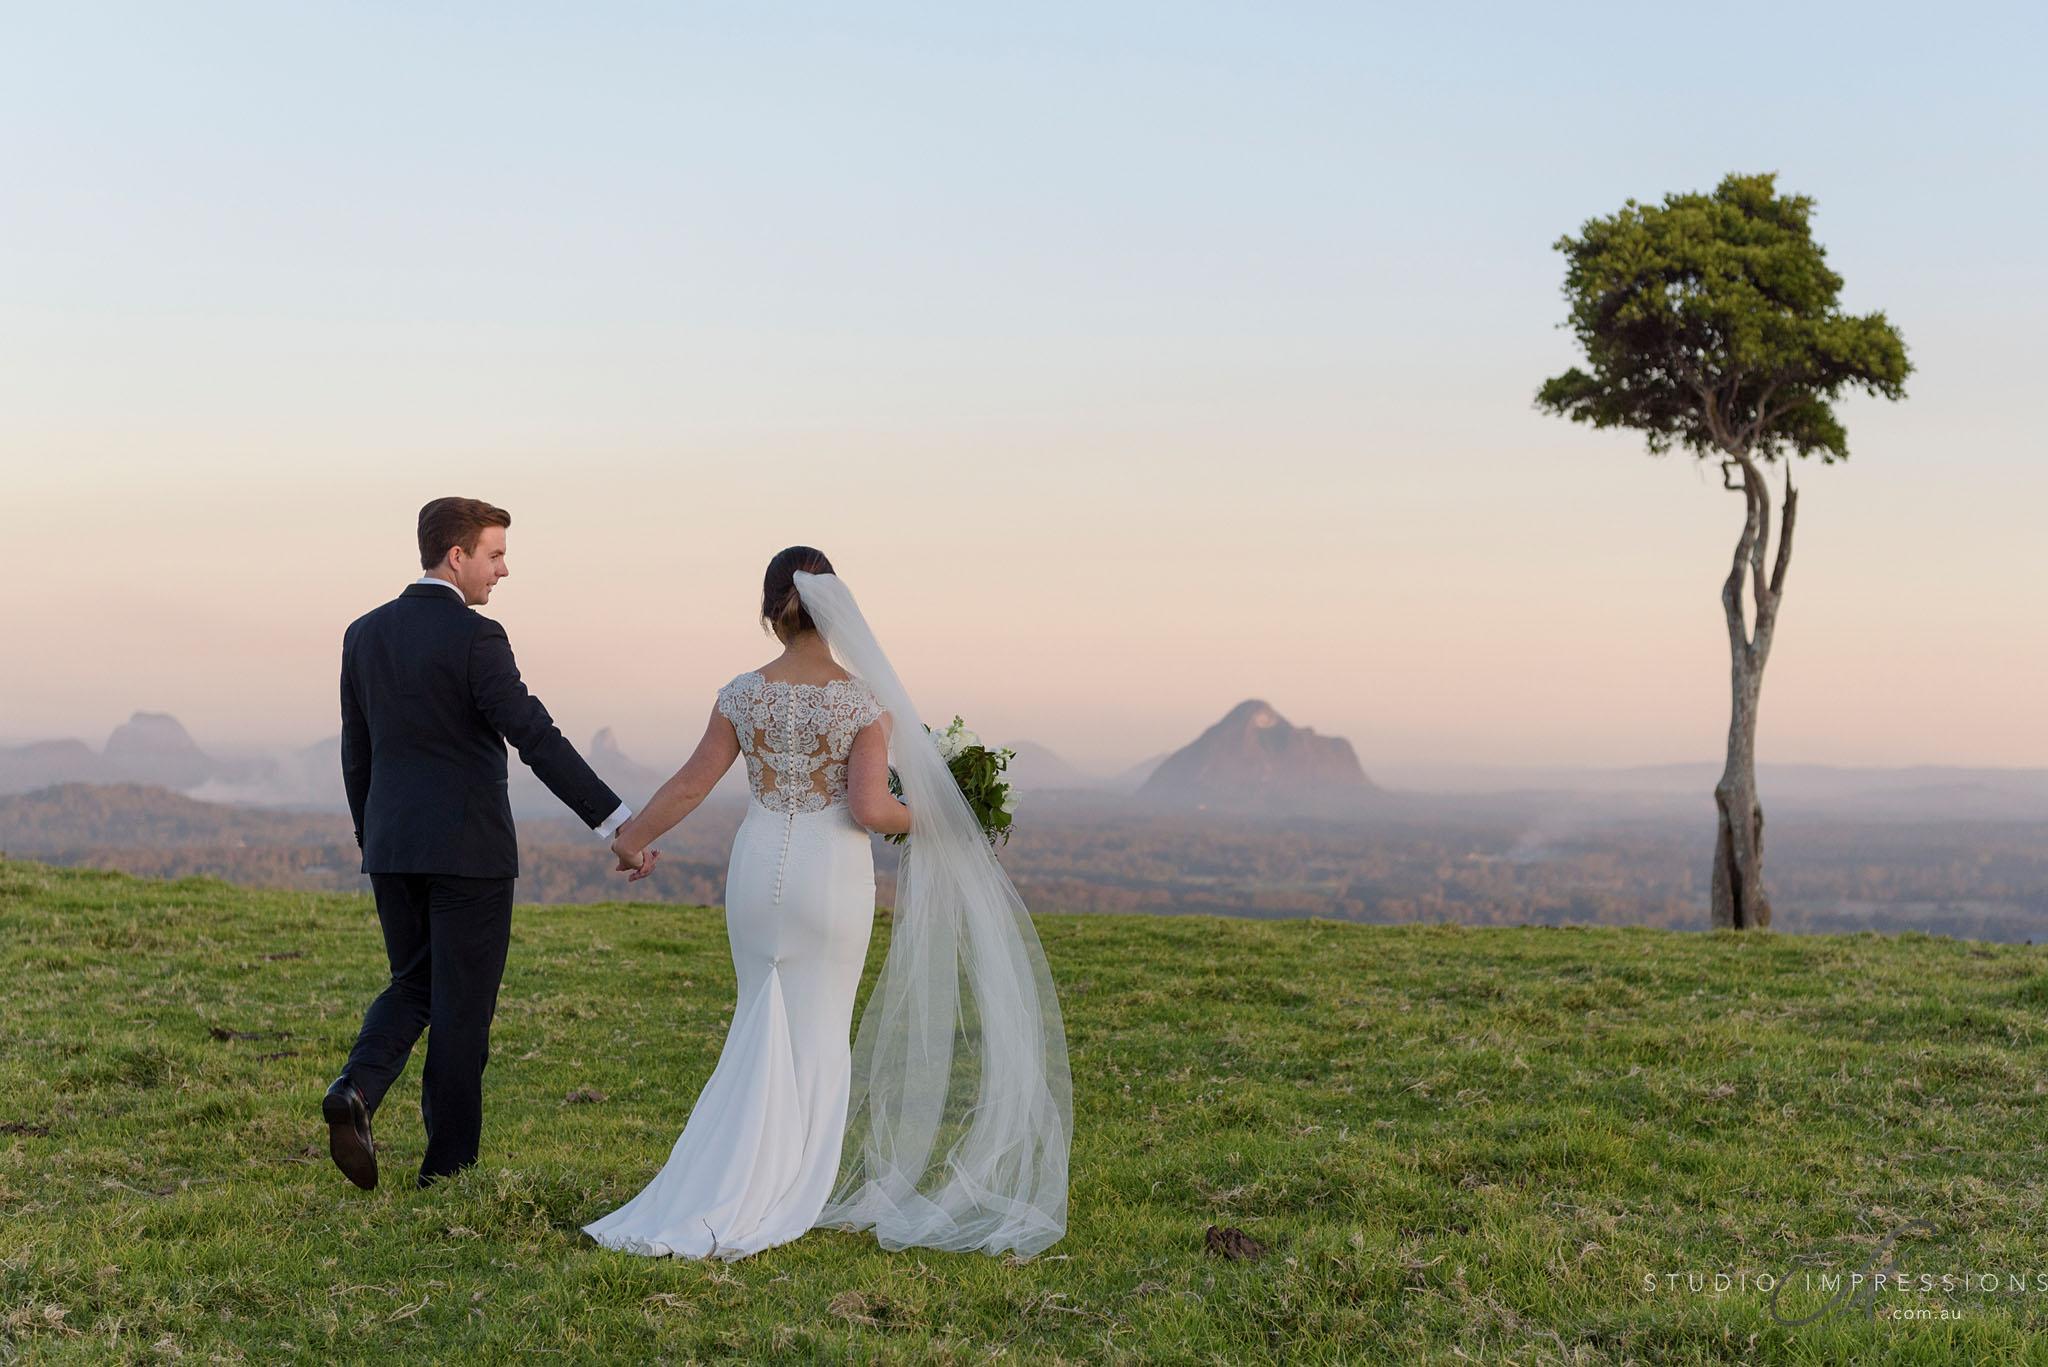 Gemma & Darren